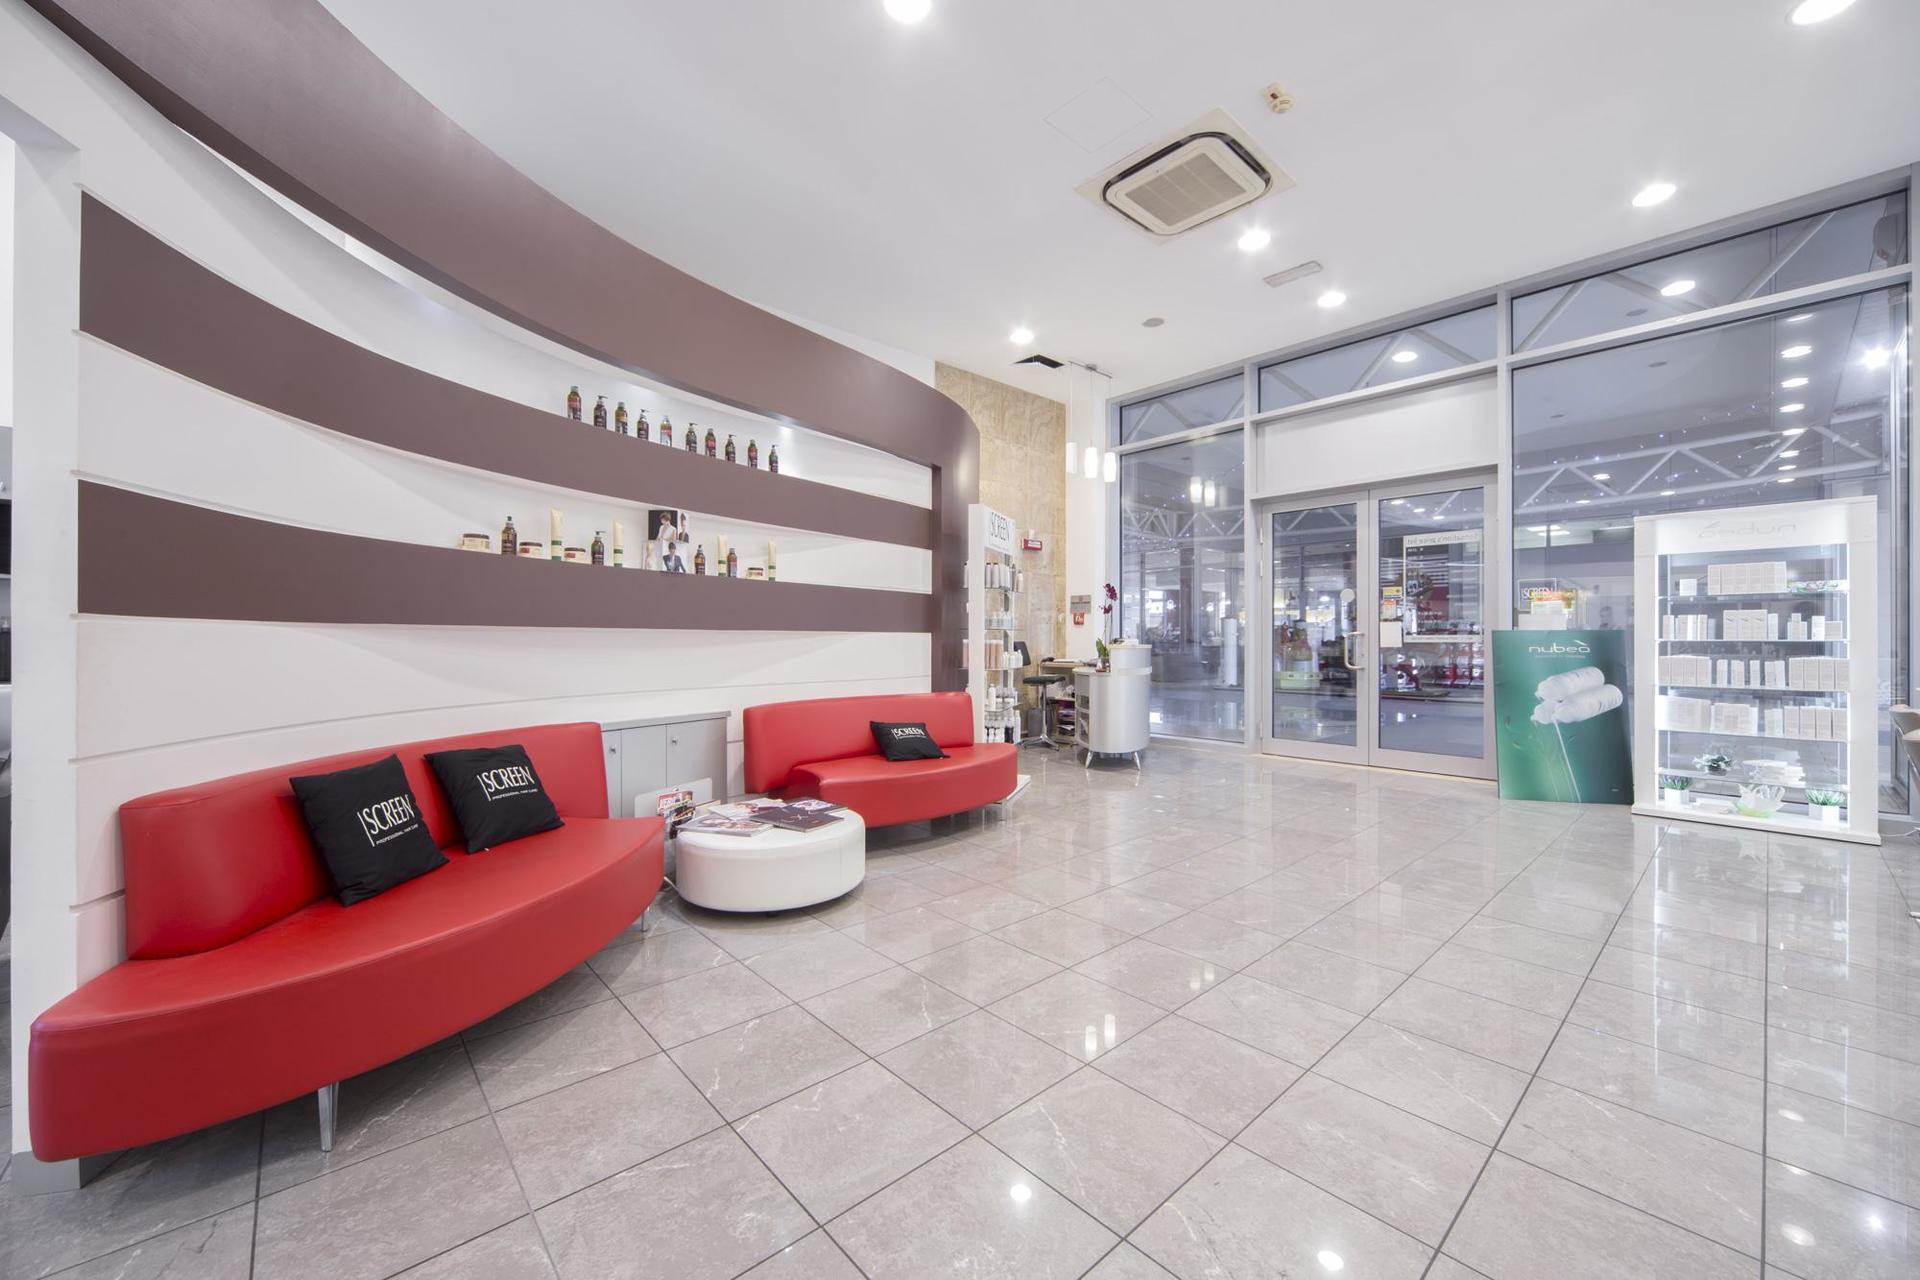 bancone del salone di parrucchieri e divani rossi